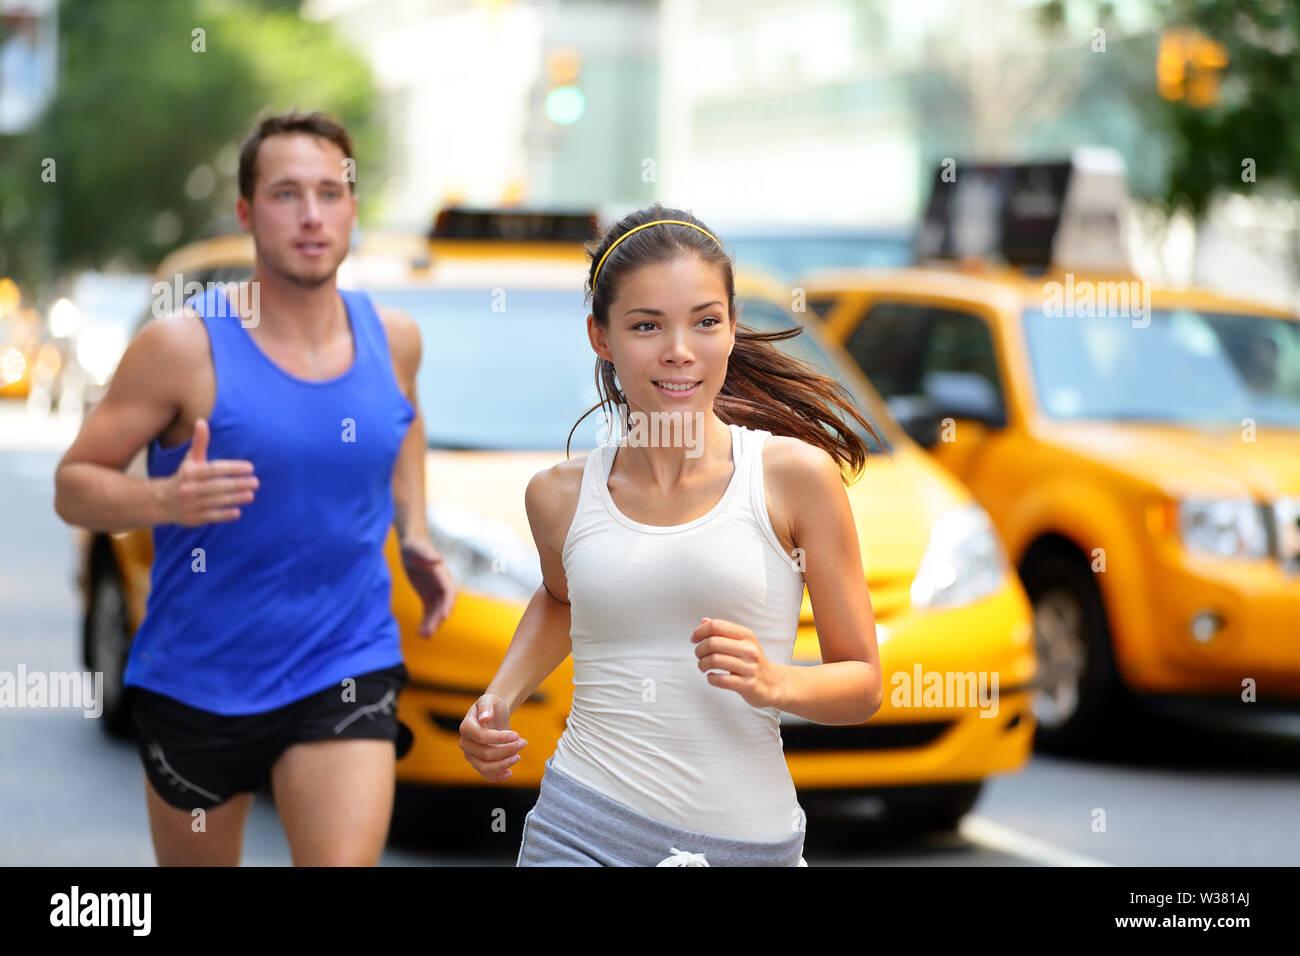 Pareja activa girando en la famosa calle de tiendas de la quinta avenida en Manhattan, Ciudad de Nueva York NUEVA YORK, ESTADOS UNIDOS. Ejercicio estilo de vida retrato de joven mujer asiática runner y caucásicas emparejador masculinos. Foto de stock